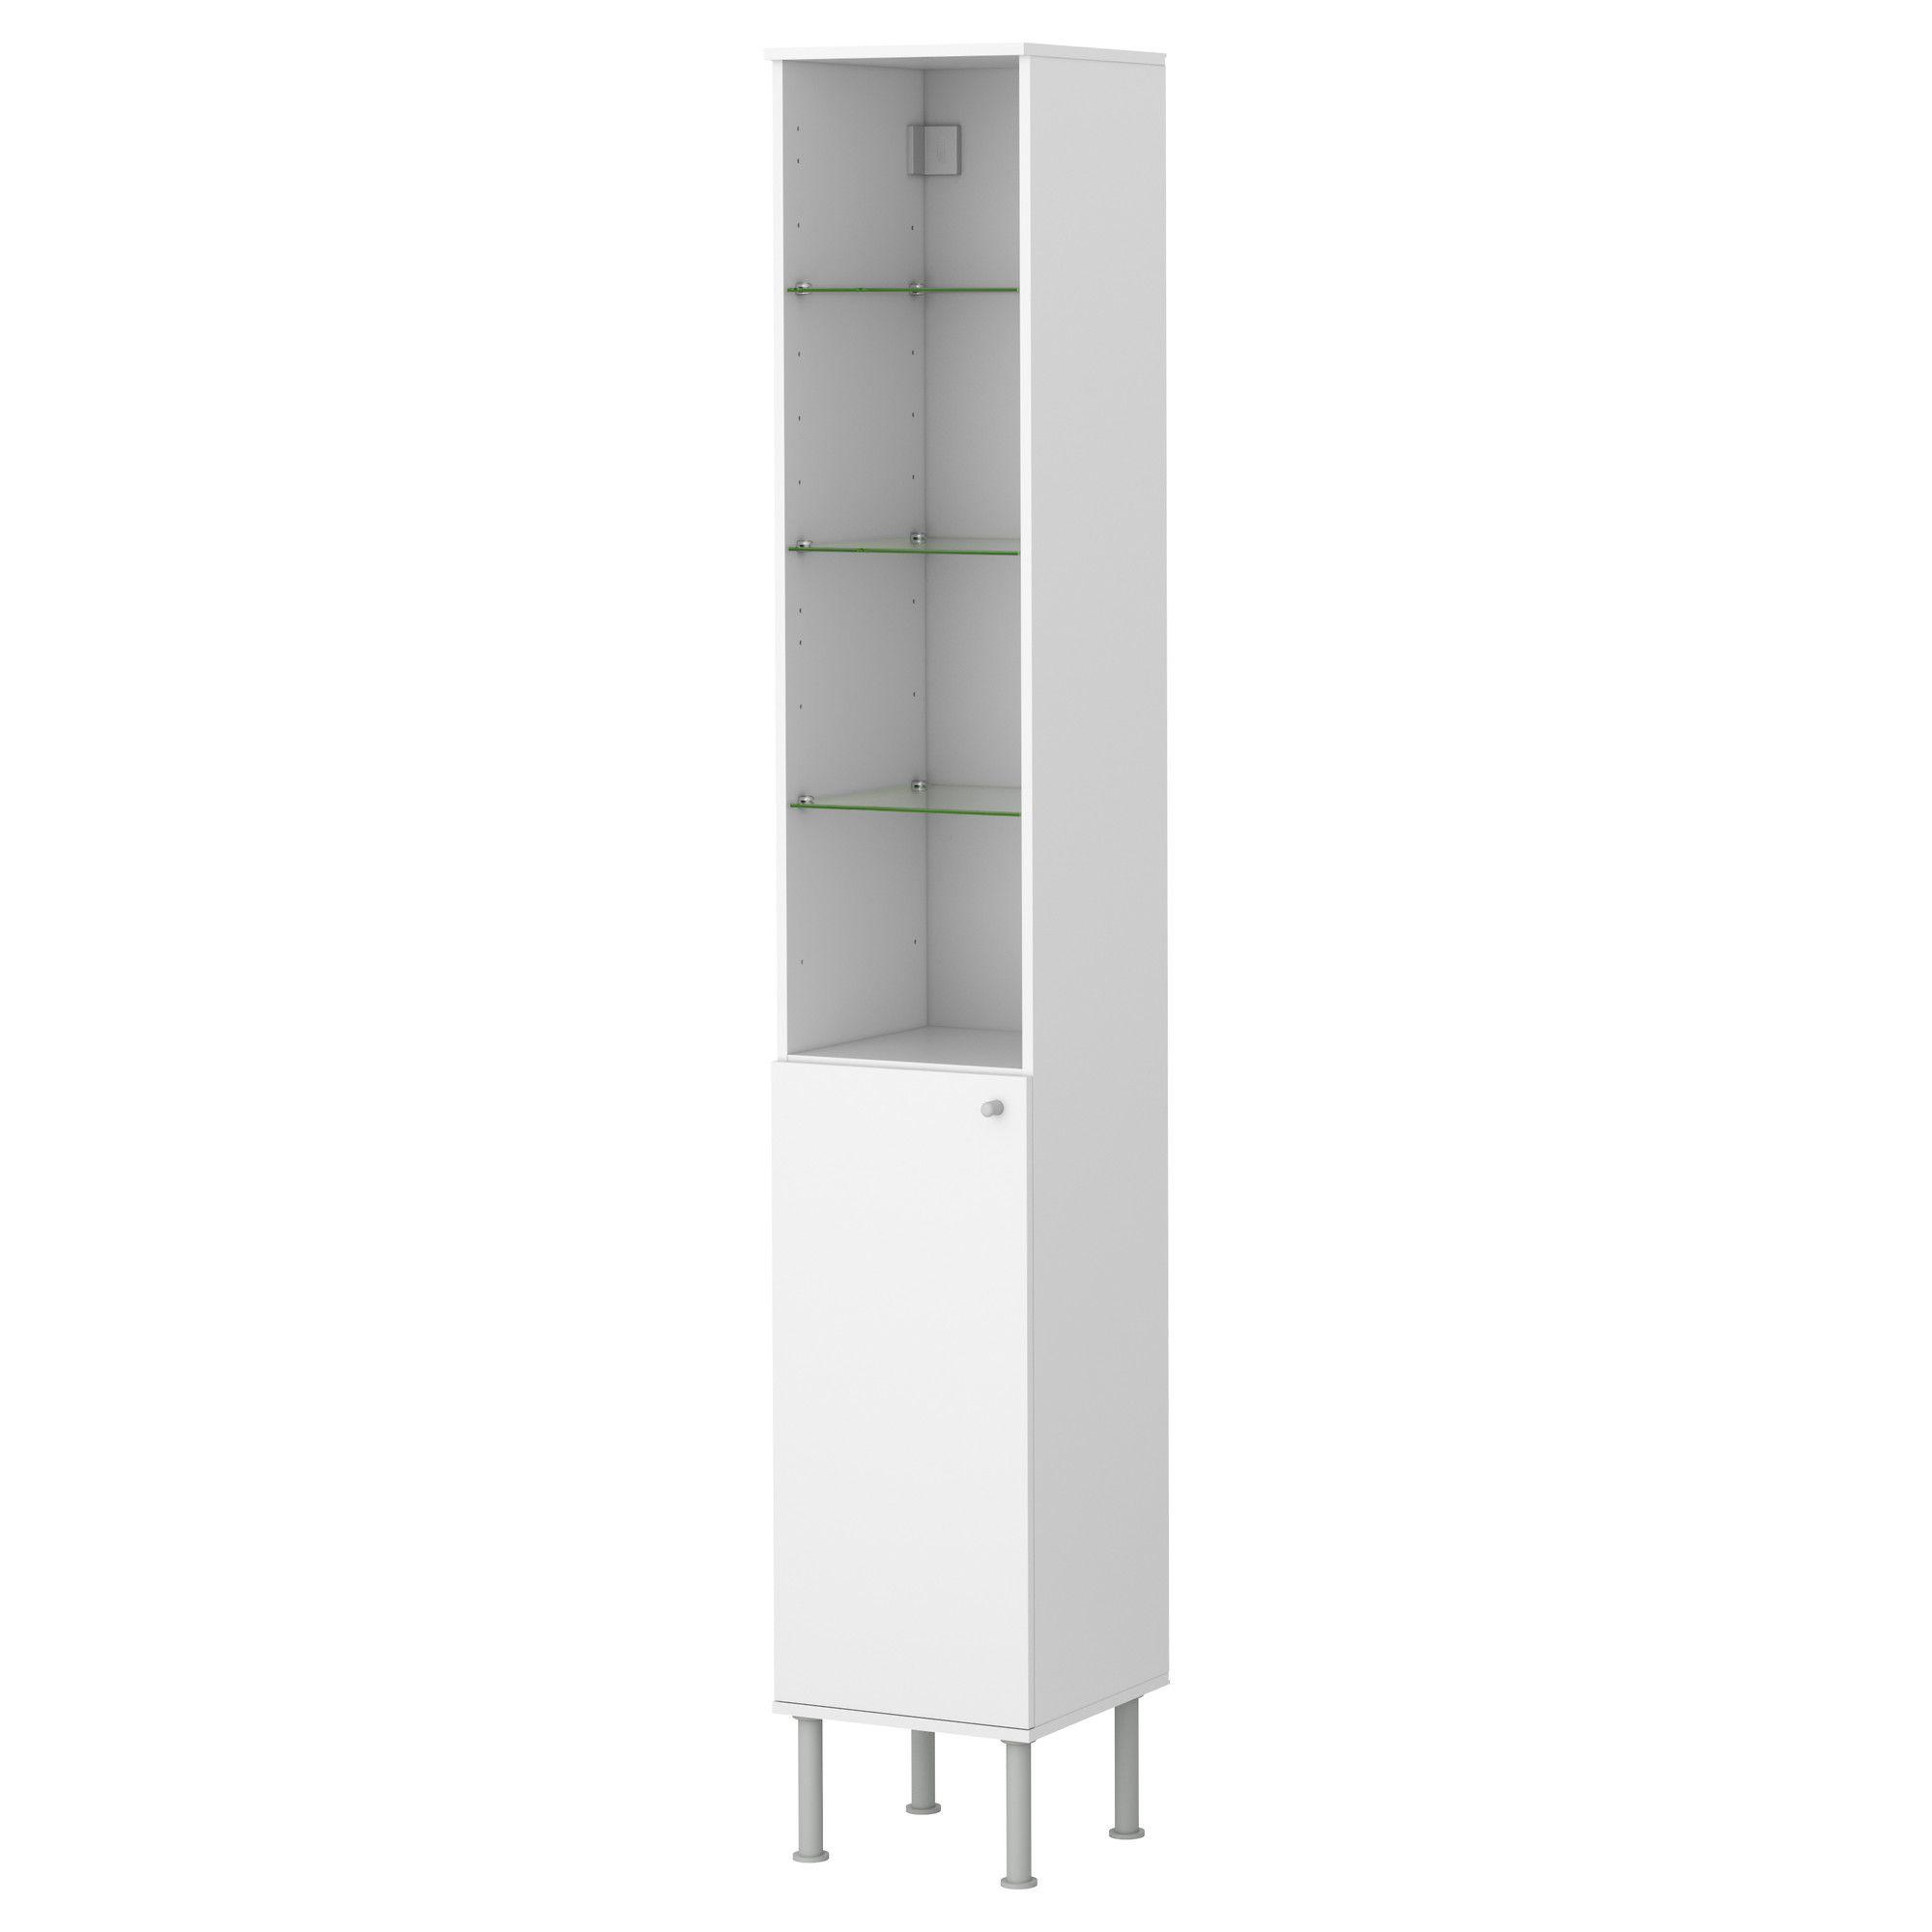 FULLEN High cabinet - IKEA $50 | Home | Pinterest ...